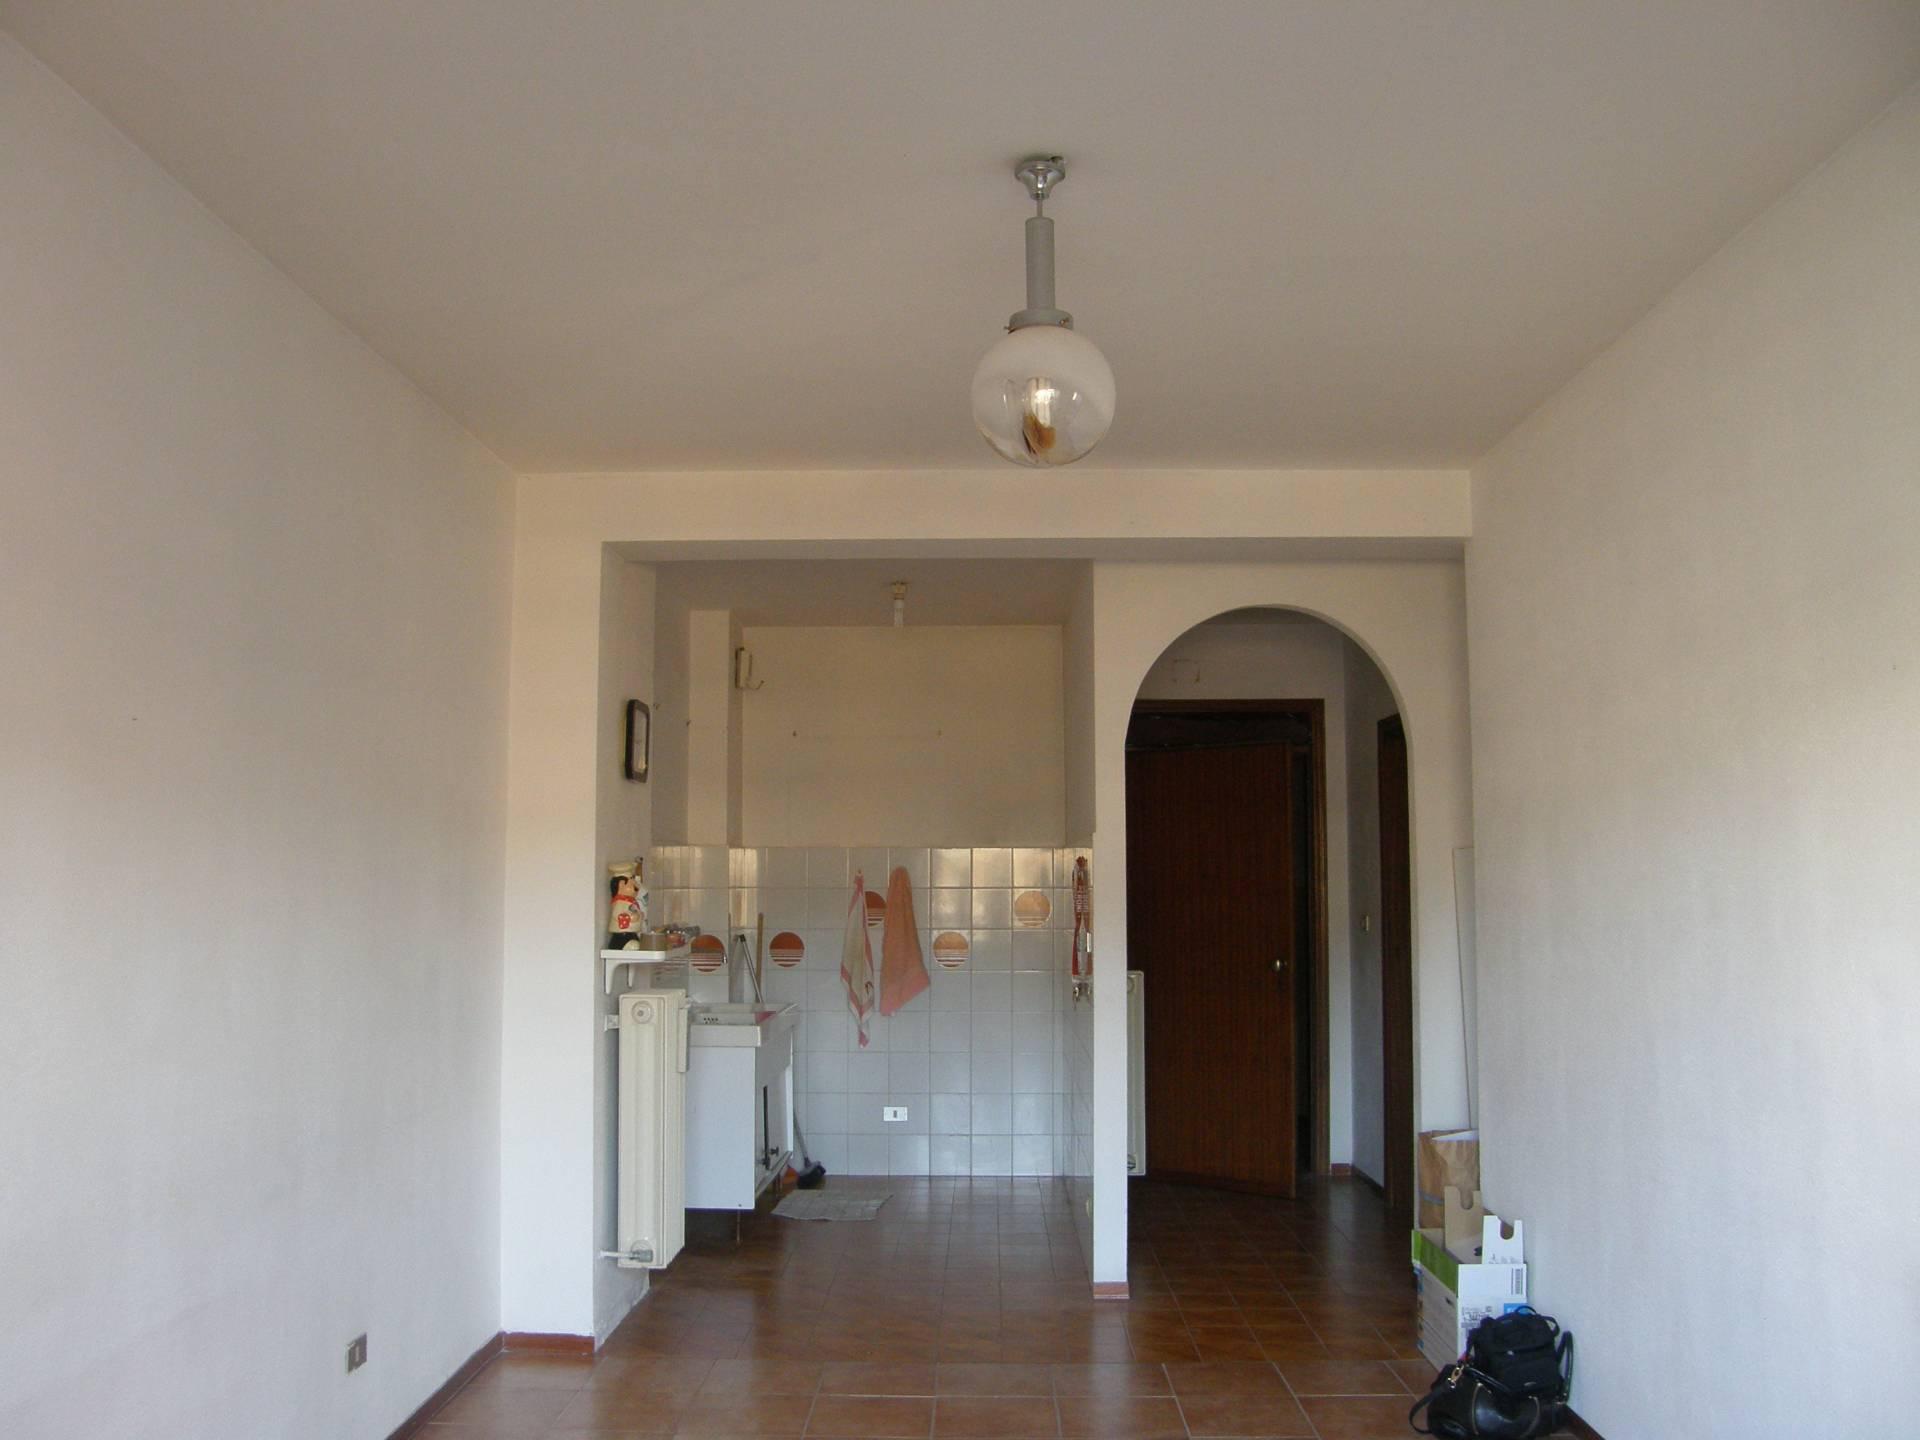 Appartamento in vendita a Ascoli Piceno, 3 locali, prezzo € 57.000 | Cambio Casa.it